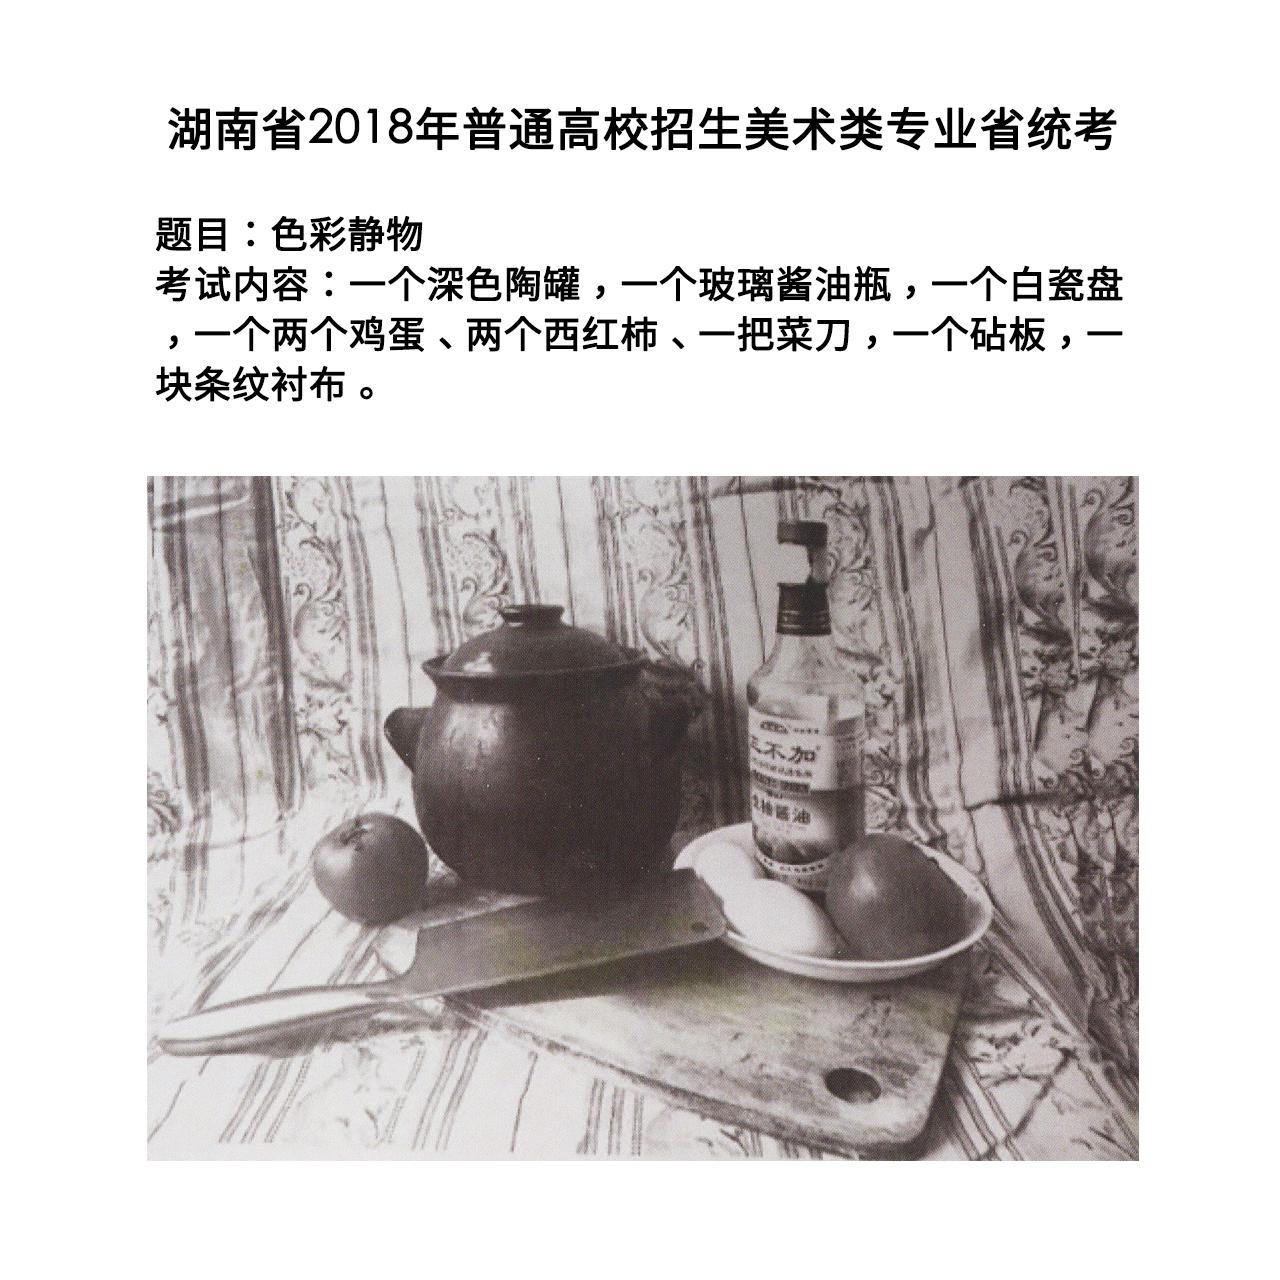 2018色彩.png